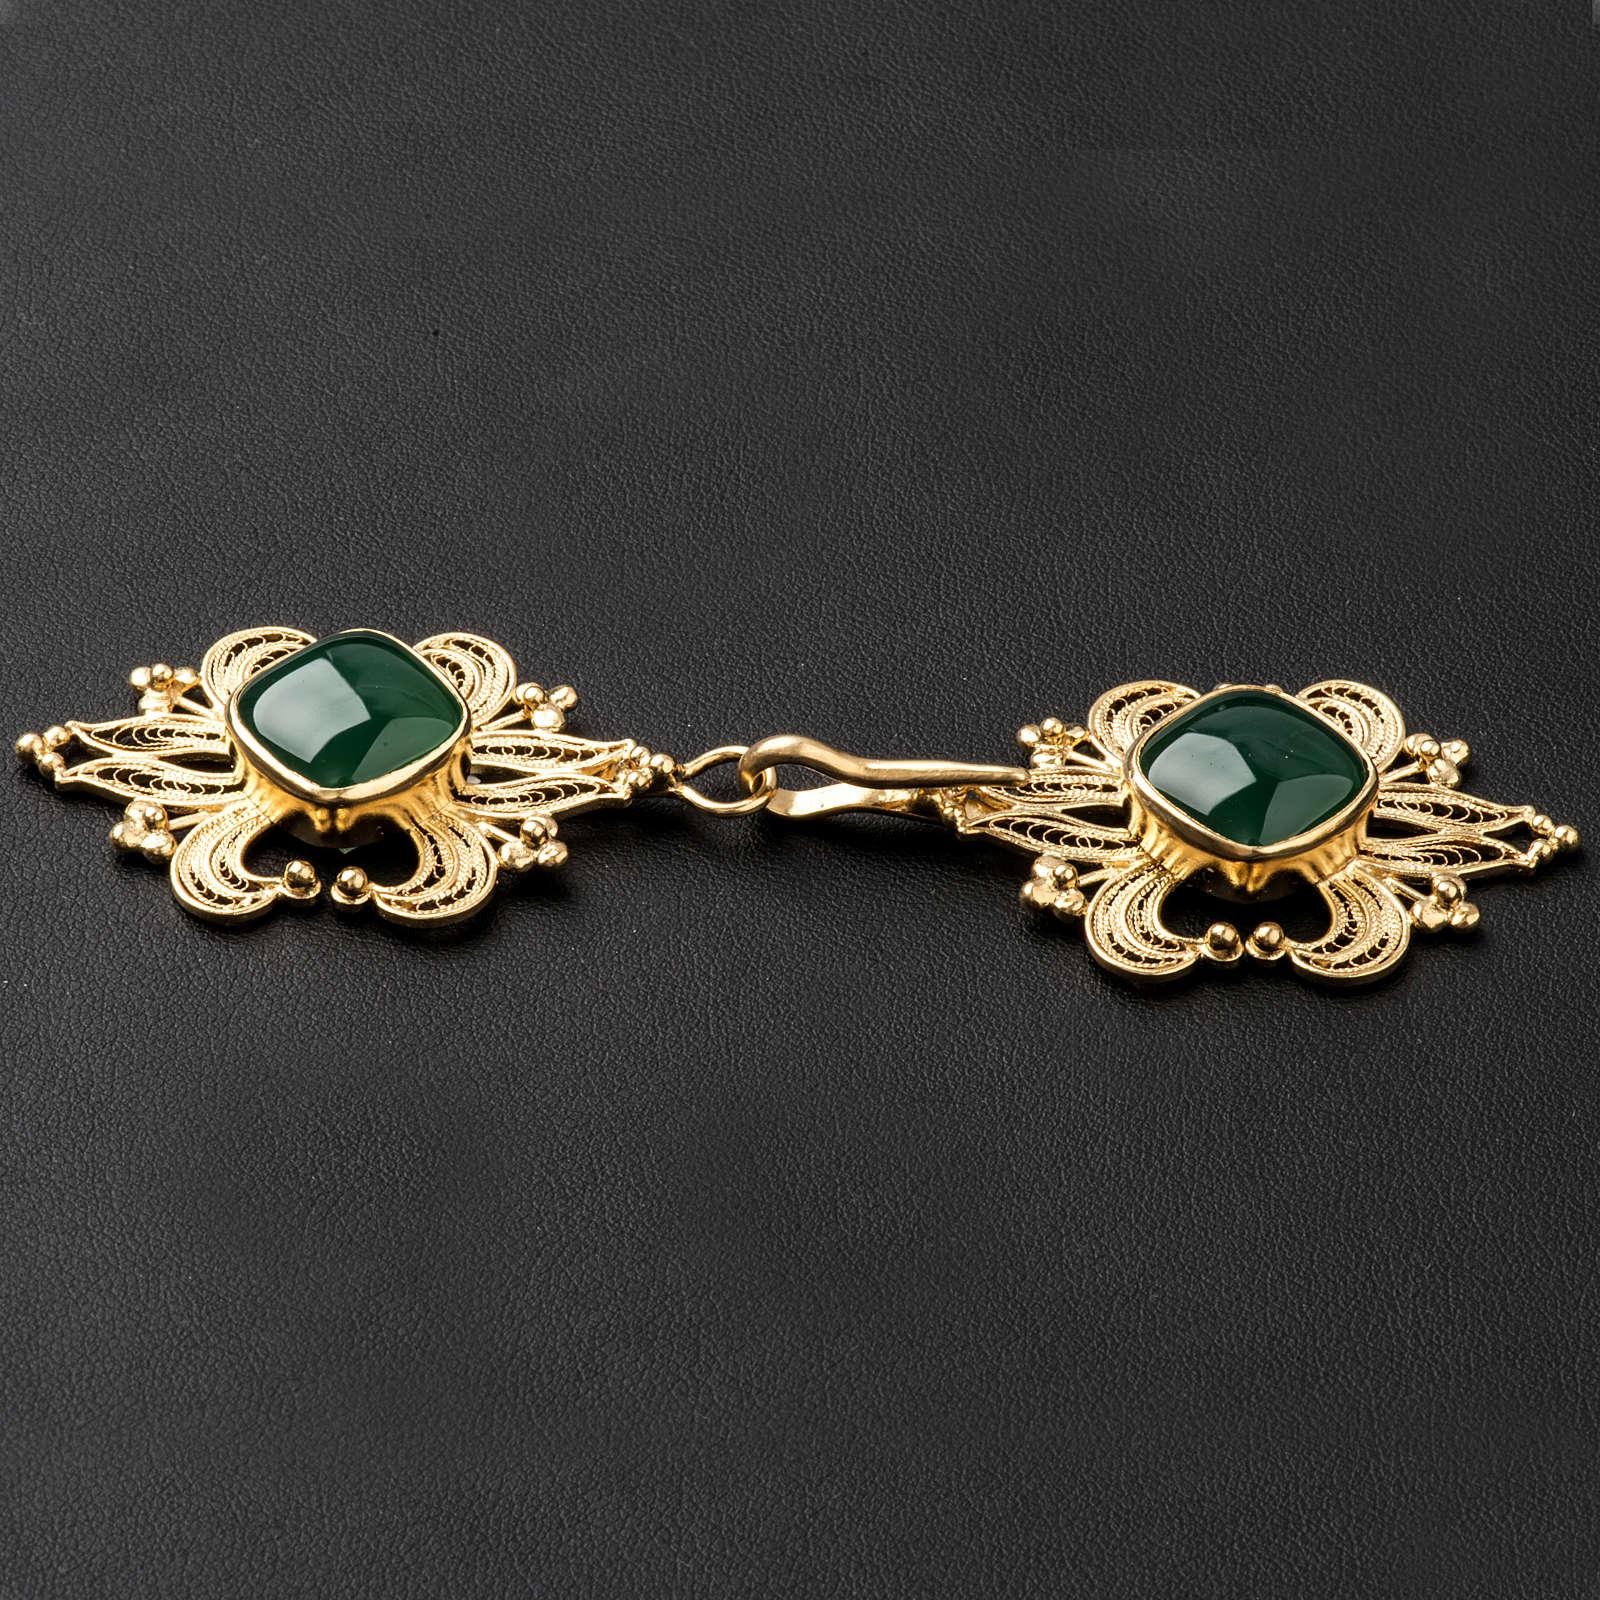 Zapięcie do kapy filigran srebra 800 złocone agat zielony 4